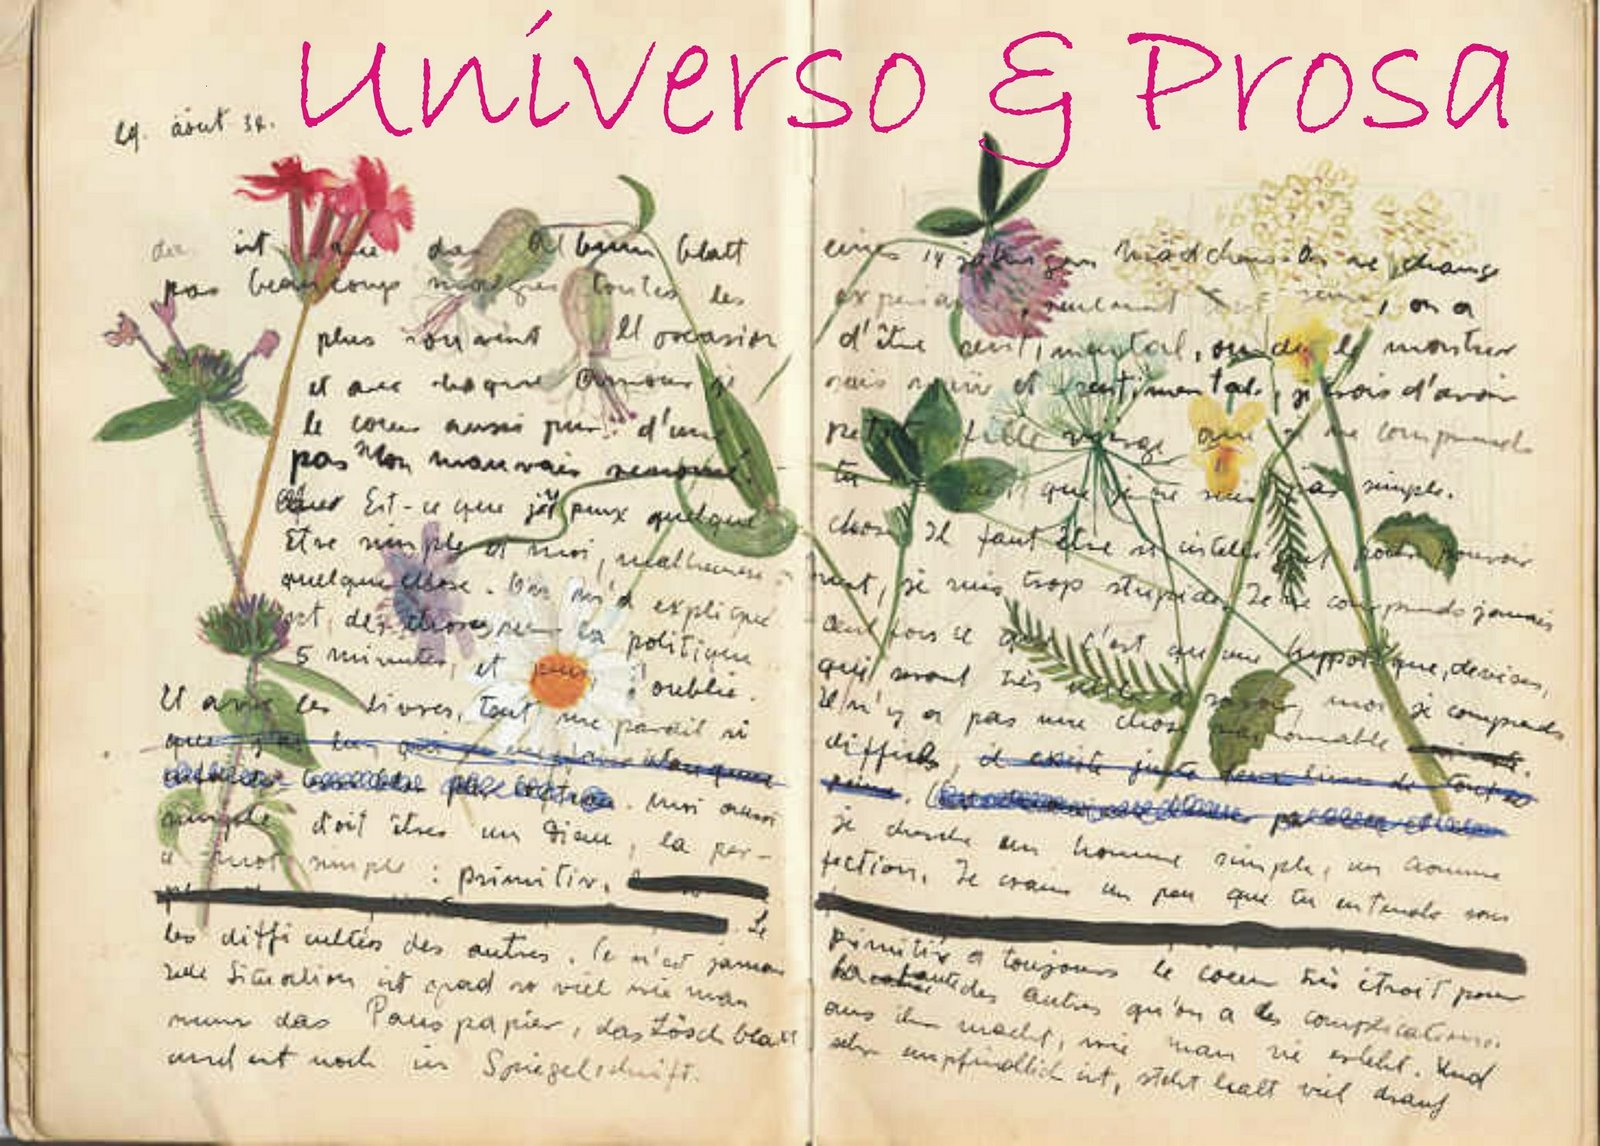 Universo & Prosa - Devaneios poéticos e desabafos crônicos de uma jovem jornalista carioca!